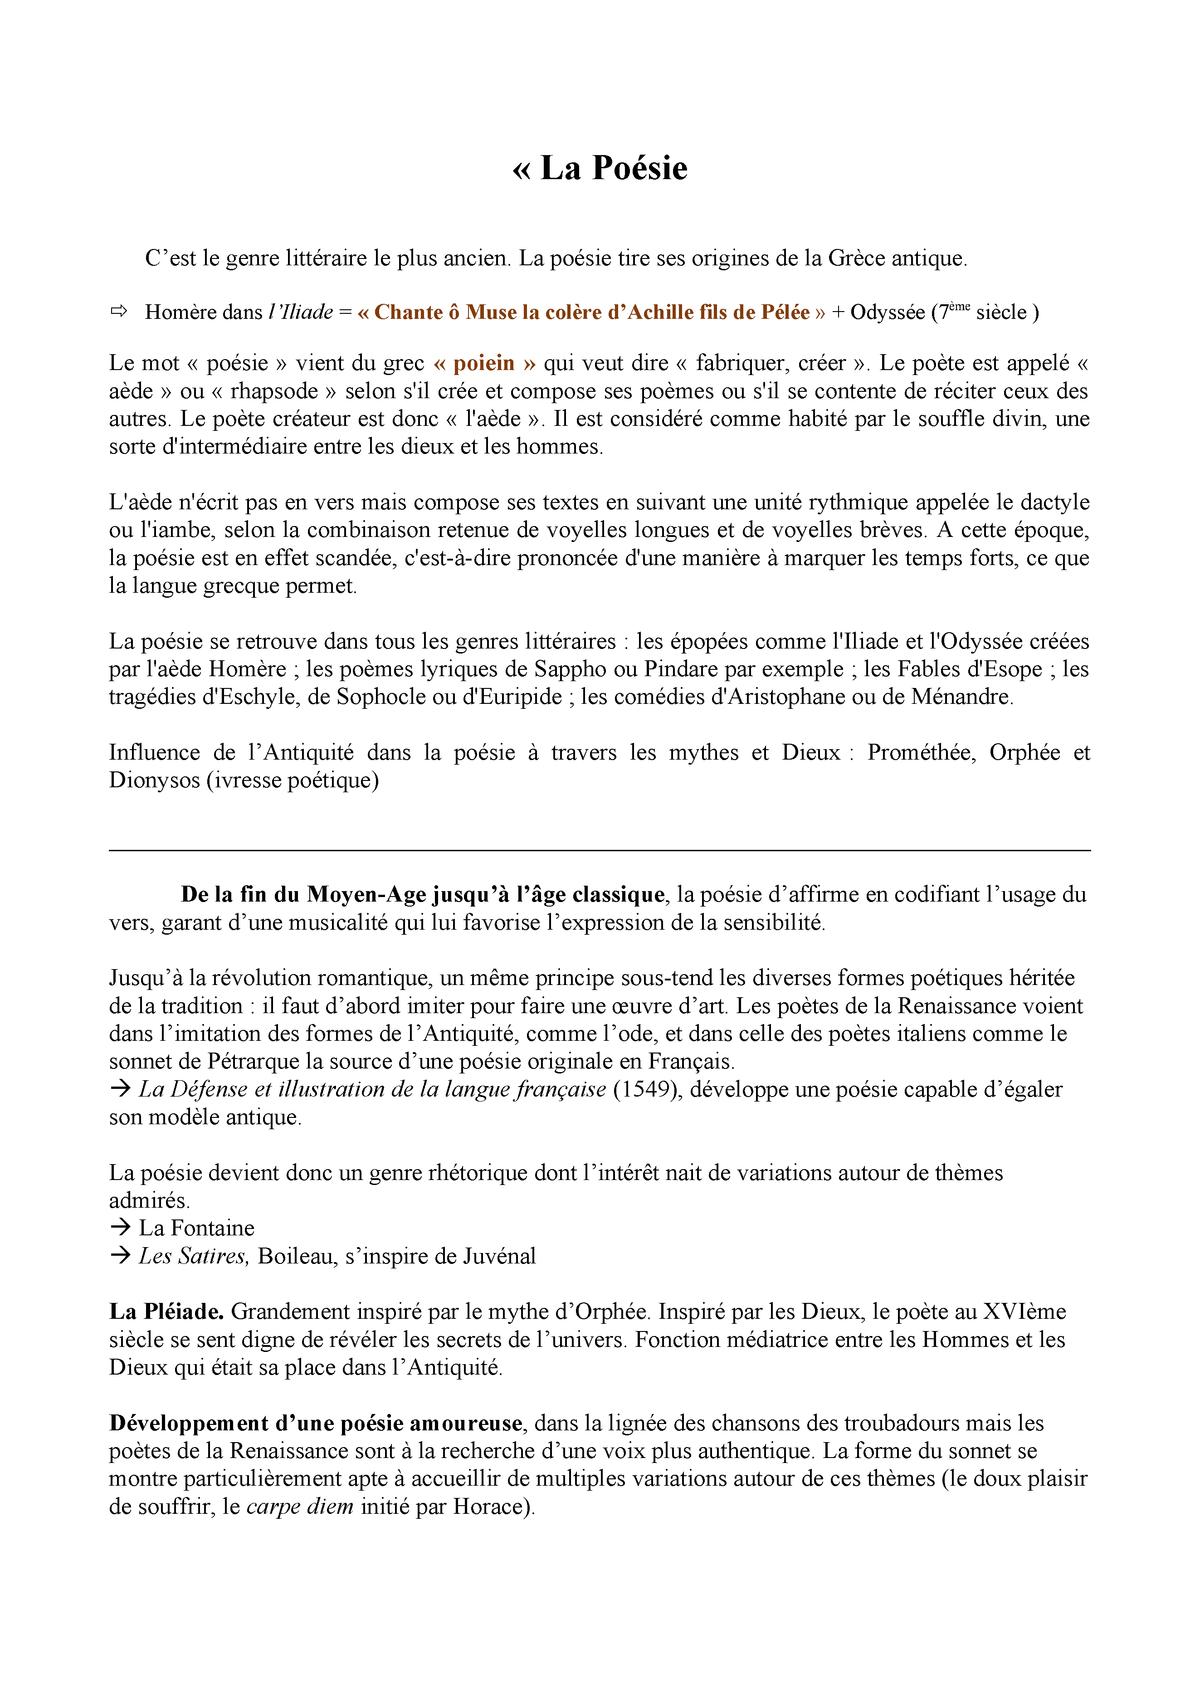 Cours Général Sur La Poèsie Littérature Française Studocu